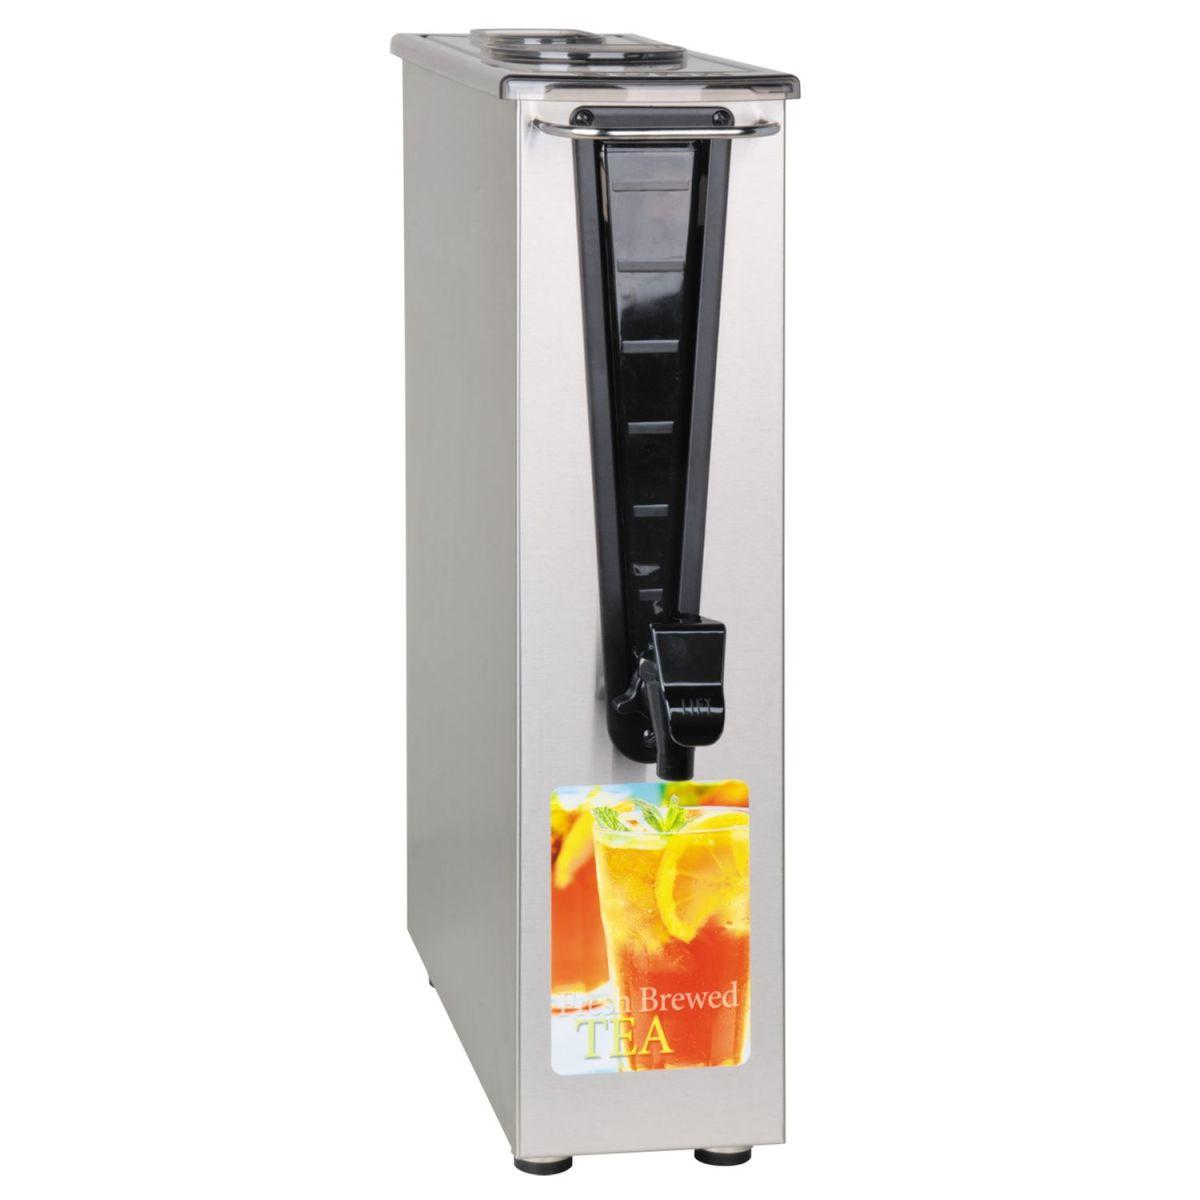 TD3T-N Dispenser w/Brew-Thru Lid